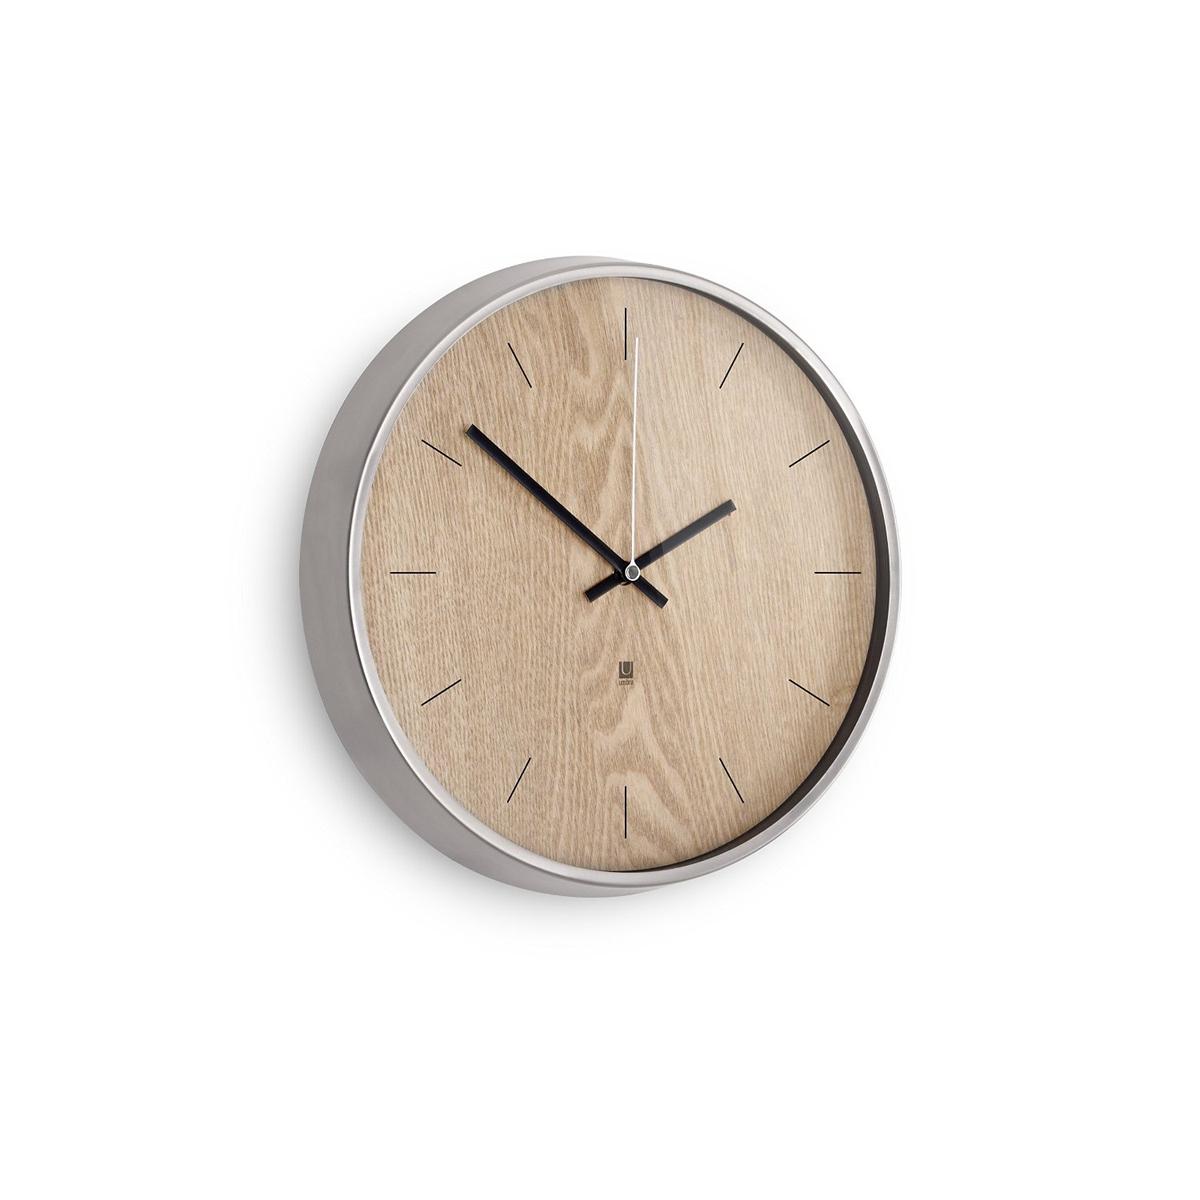 Настенные часы Umbra Madera, цвет: бежевый118413-392Хоть и говорят, что счастливые часов не наблюдают, но все же иногда необходимо знать точное время. Не смотря на то, что на этих часах отсутствует разметка, вы запросто определите который час, а главное, станете еще чуточку счастливее - ведь такой элегантный дизайн не может не радовать! Сочетание классики и современности, шпона дерева цвета грецкого ореха и алюминиевой рамки - дизайн вне времени. Шикарно будет смотреться в офисе, в гостиной, в спальне - в любом интерьере.